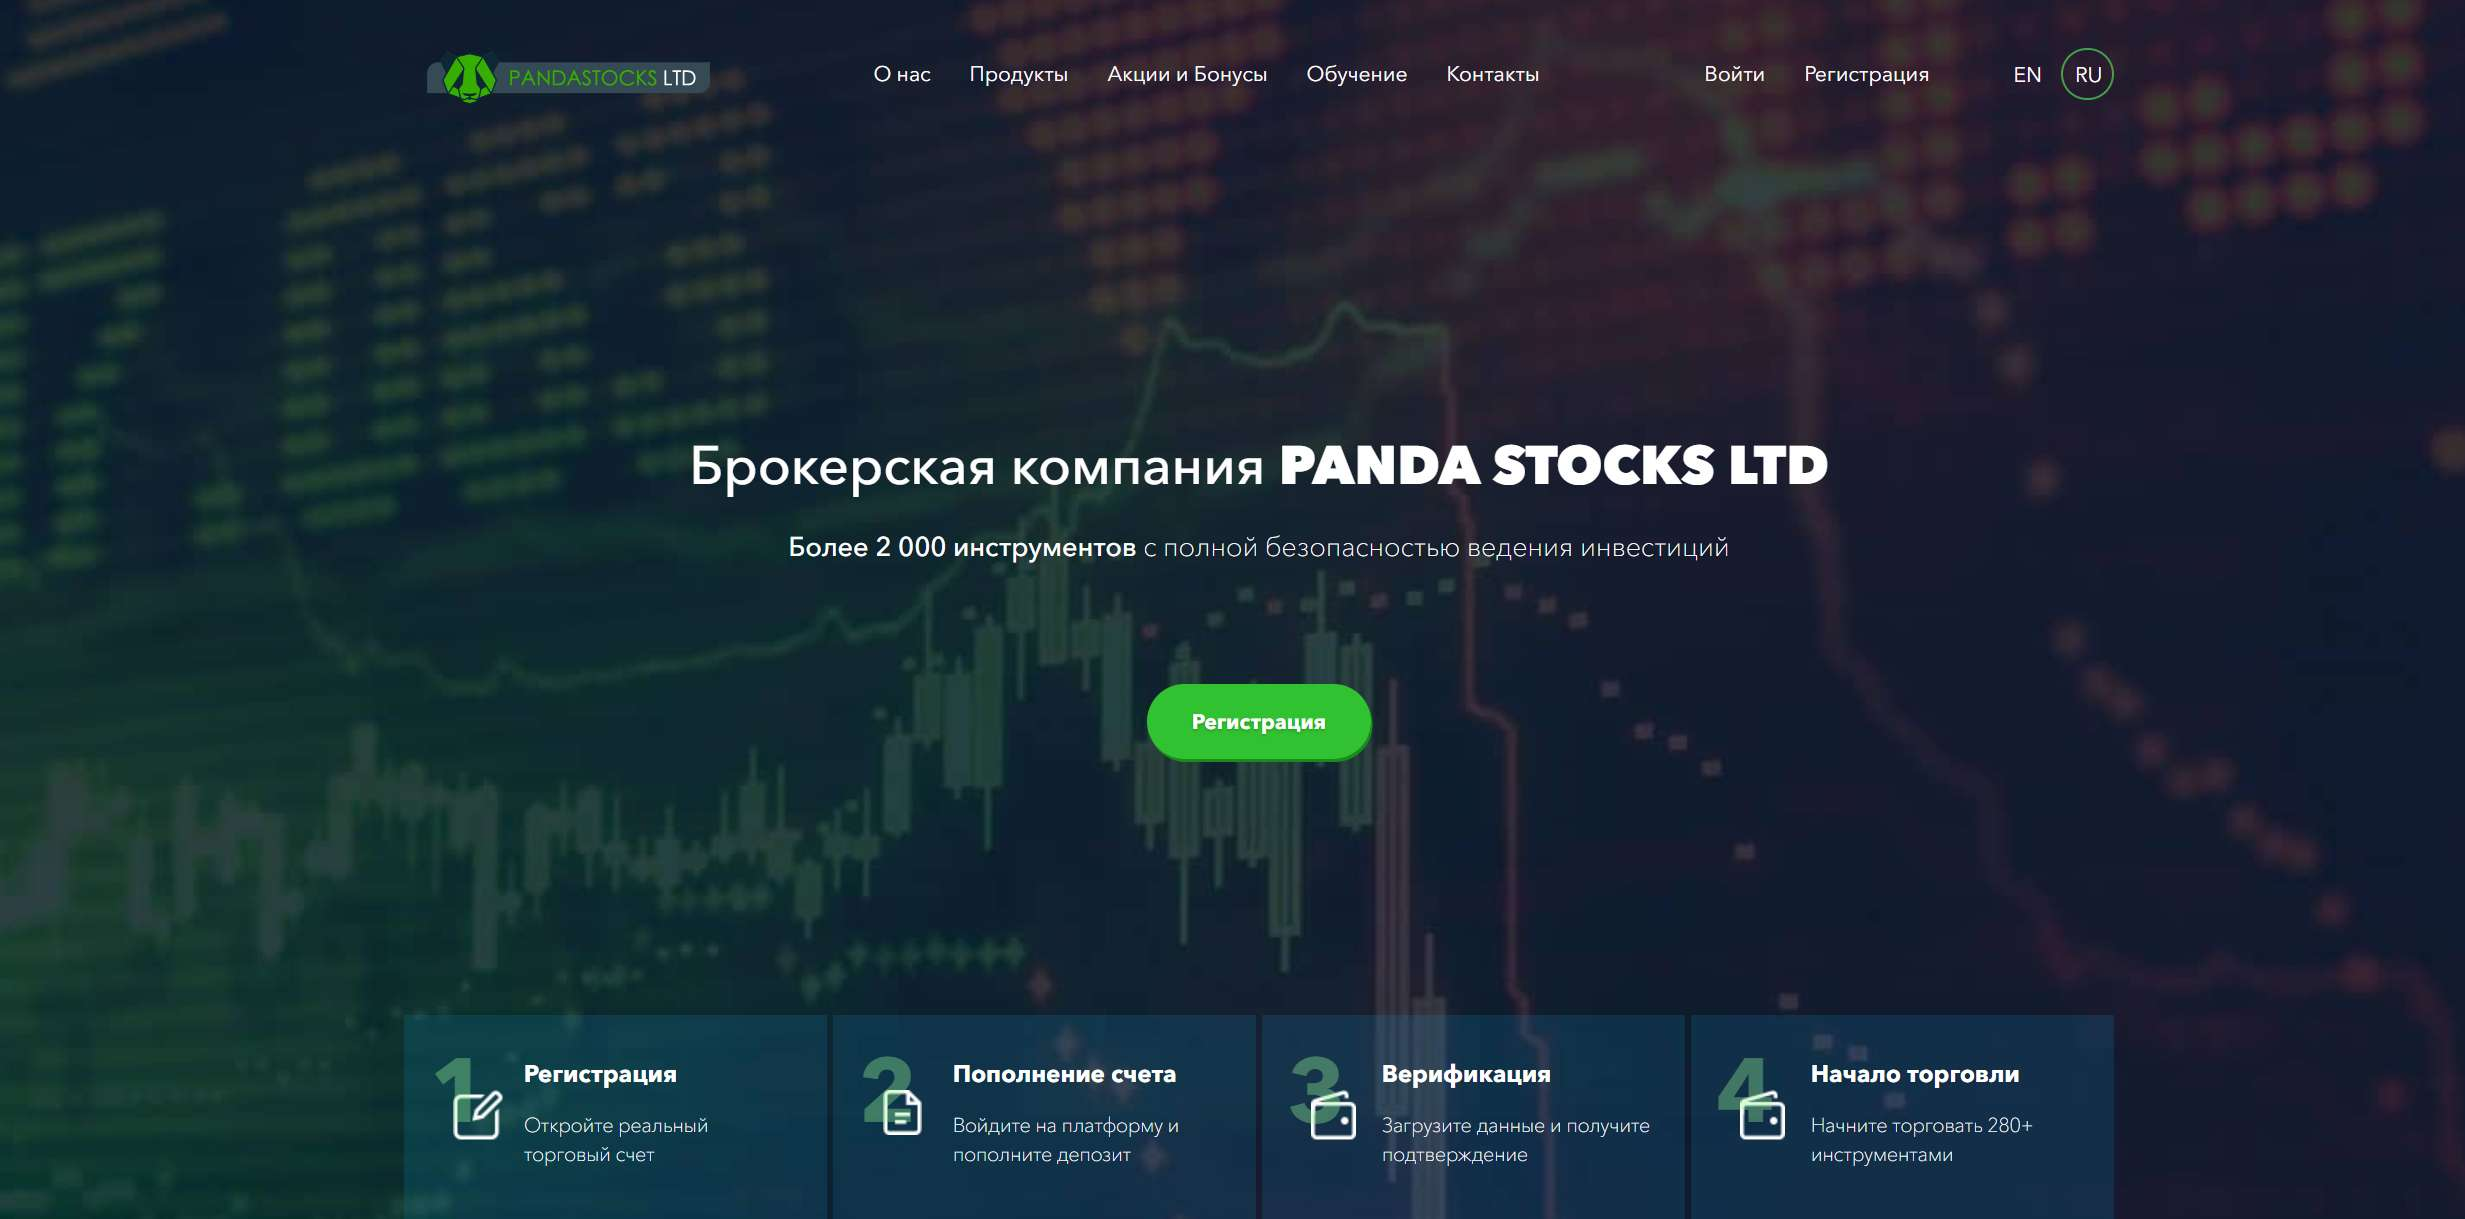 Обзор PandaStocks. Новый брокер - лохотронщик! Отзывы.